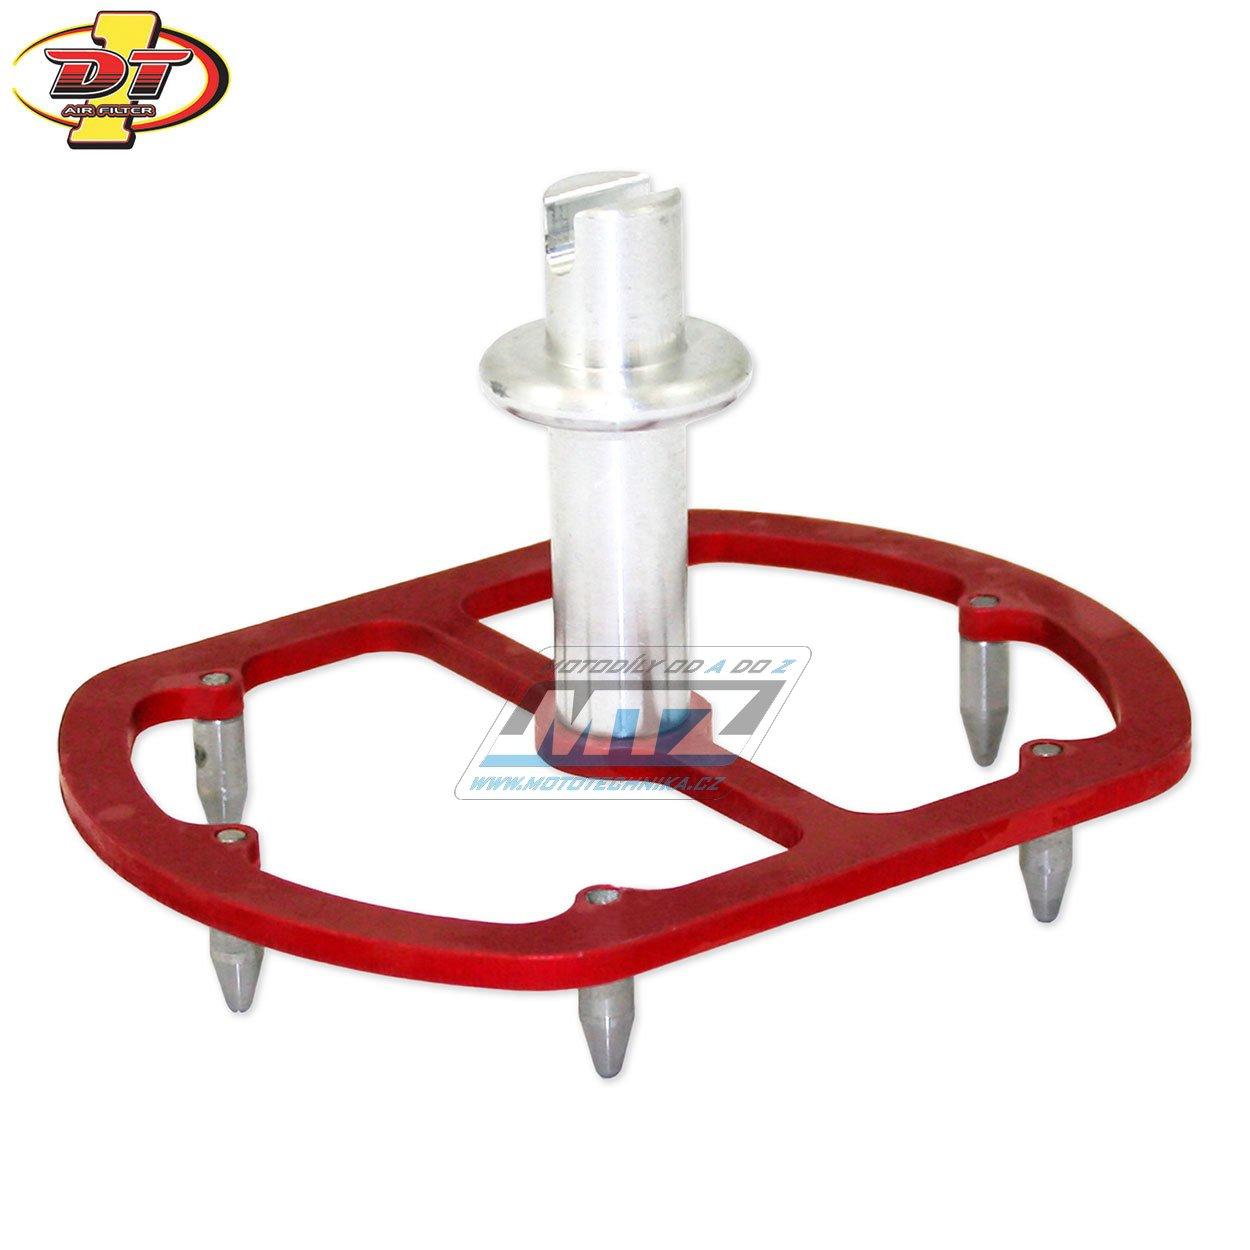 """Klec vzduchového filtru """"závodní provedení DT-1 Power Cage"""" SX65 / 00-16"""